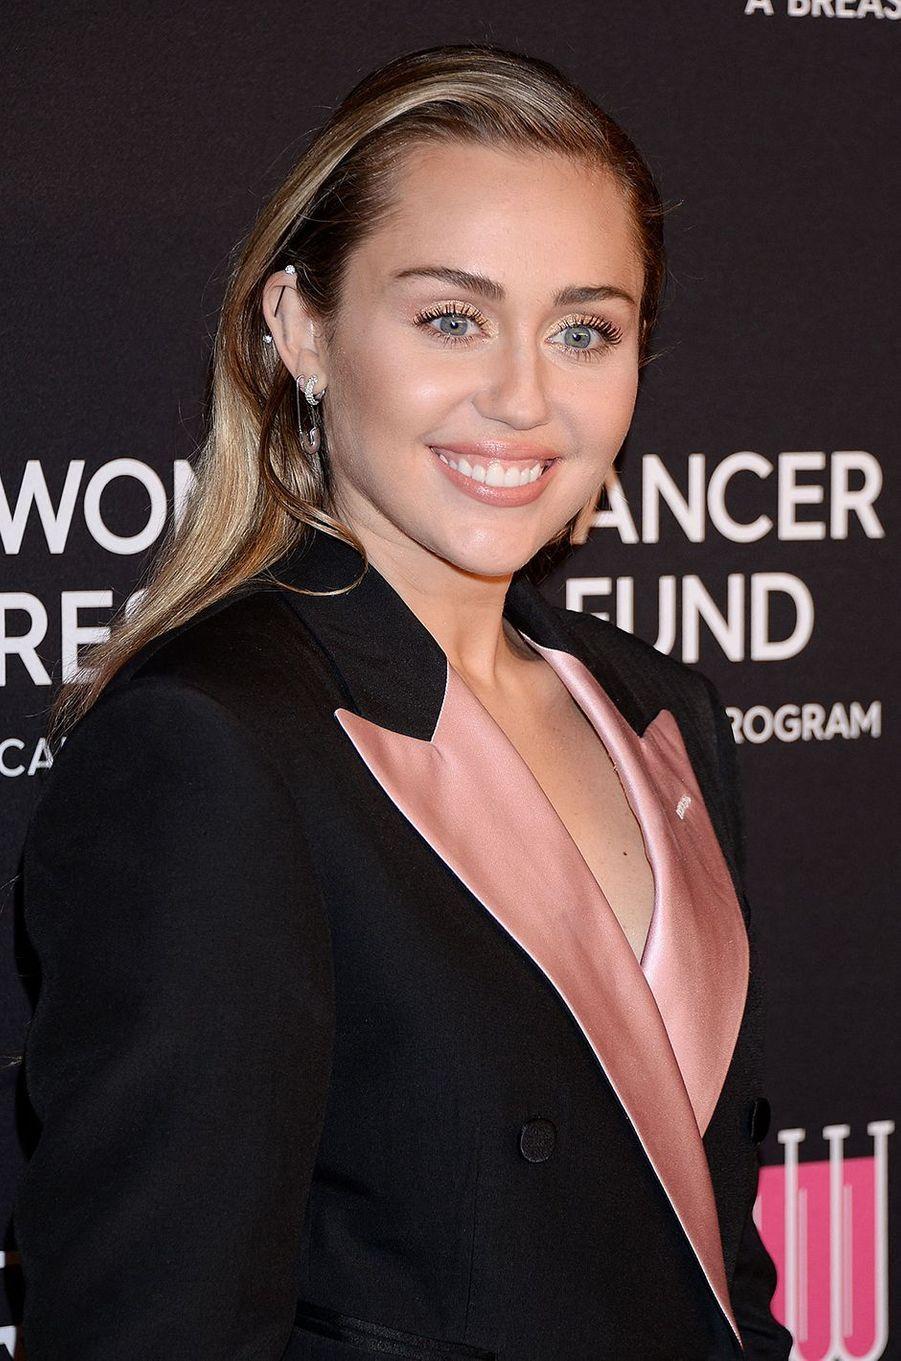 16 - Miley Cyrus.Nombre d'abonnés (en date d'octobre 2020) : 116 millions. Ce qu'elle gagne pour une publication sponsorisée : 593.000 dollars.